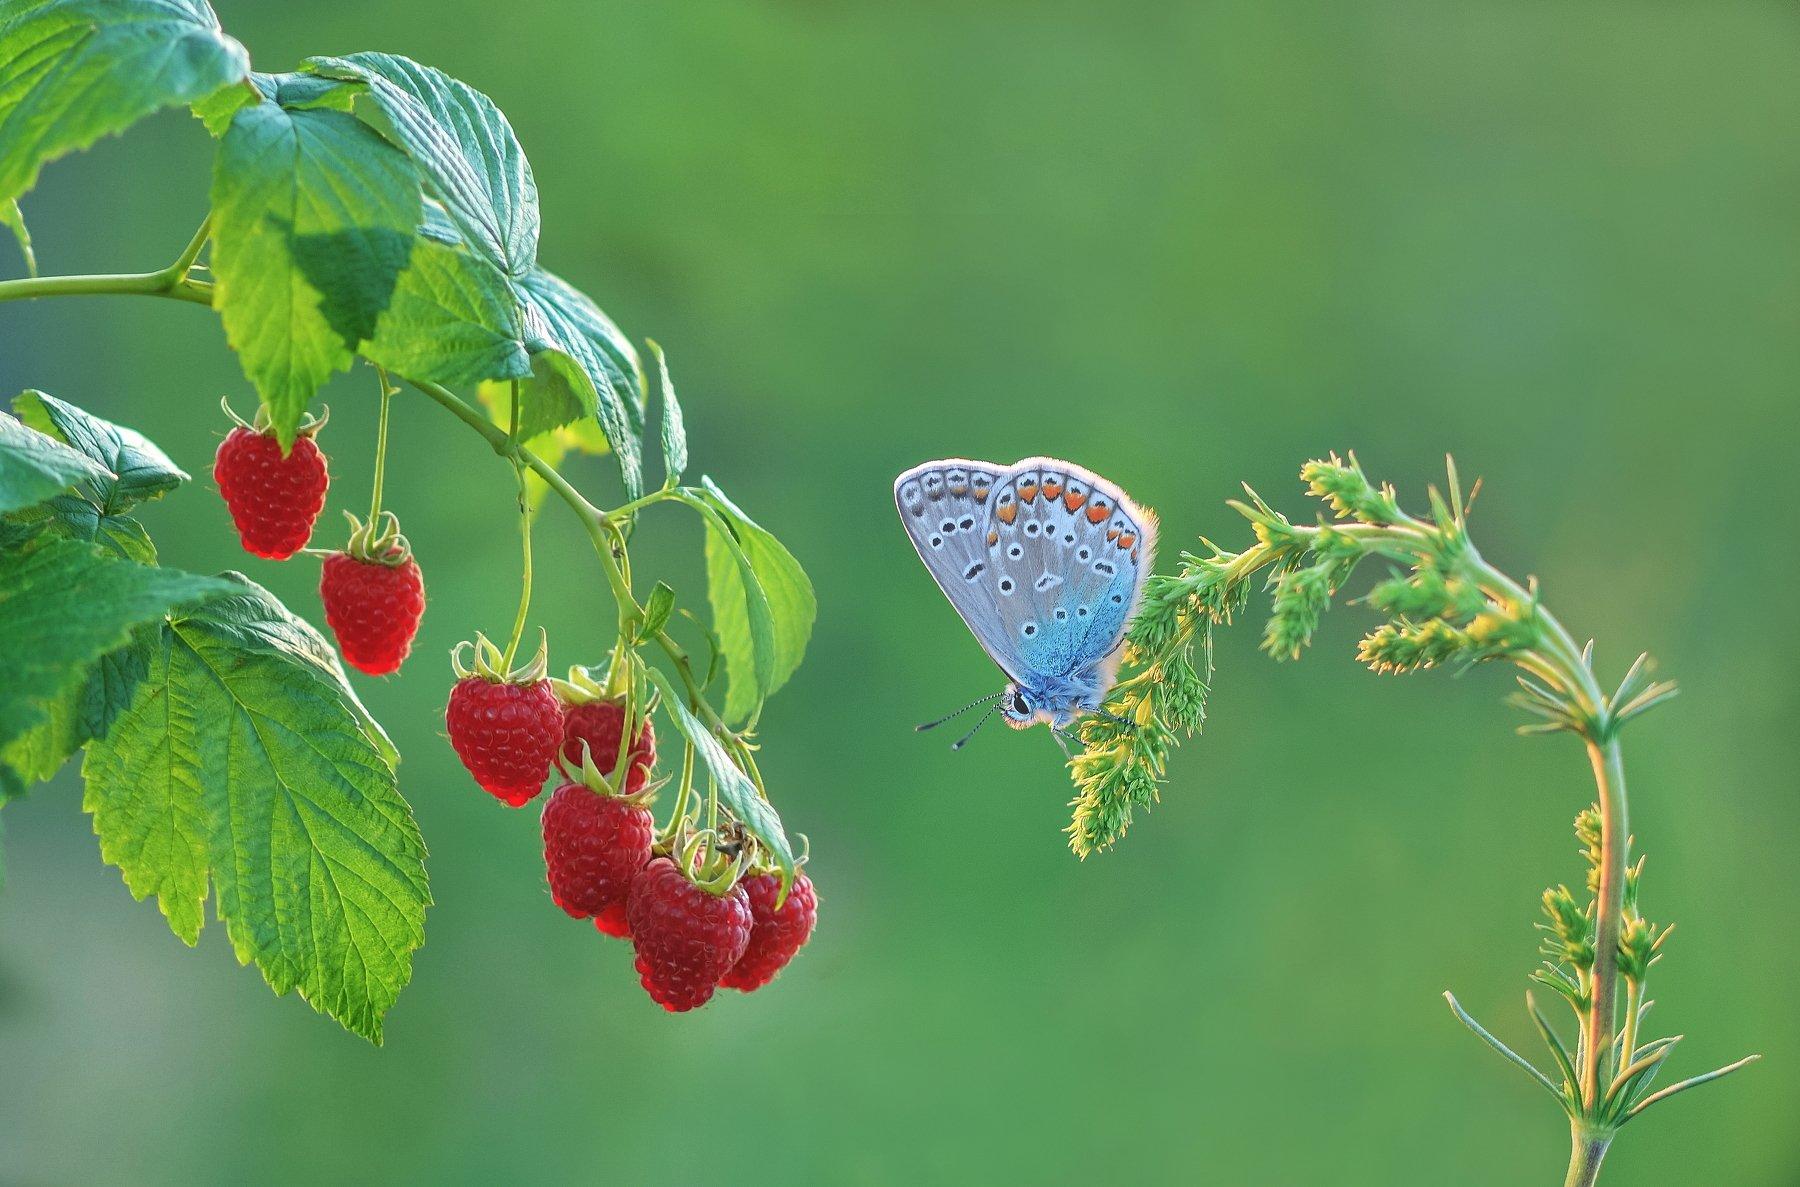 бабочка, малина, закат, природа, Александр Гвоздь